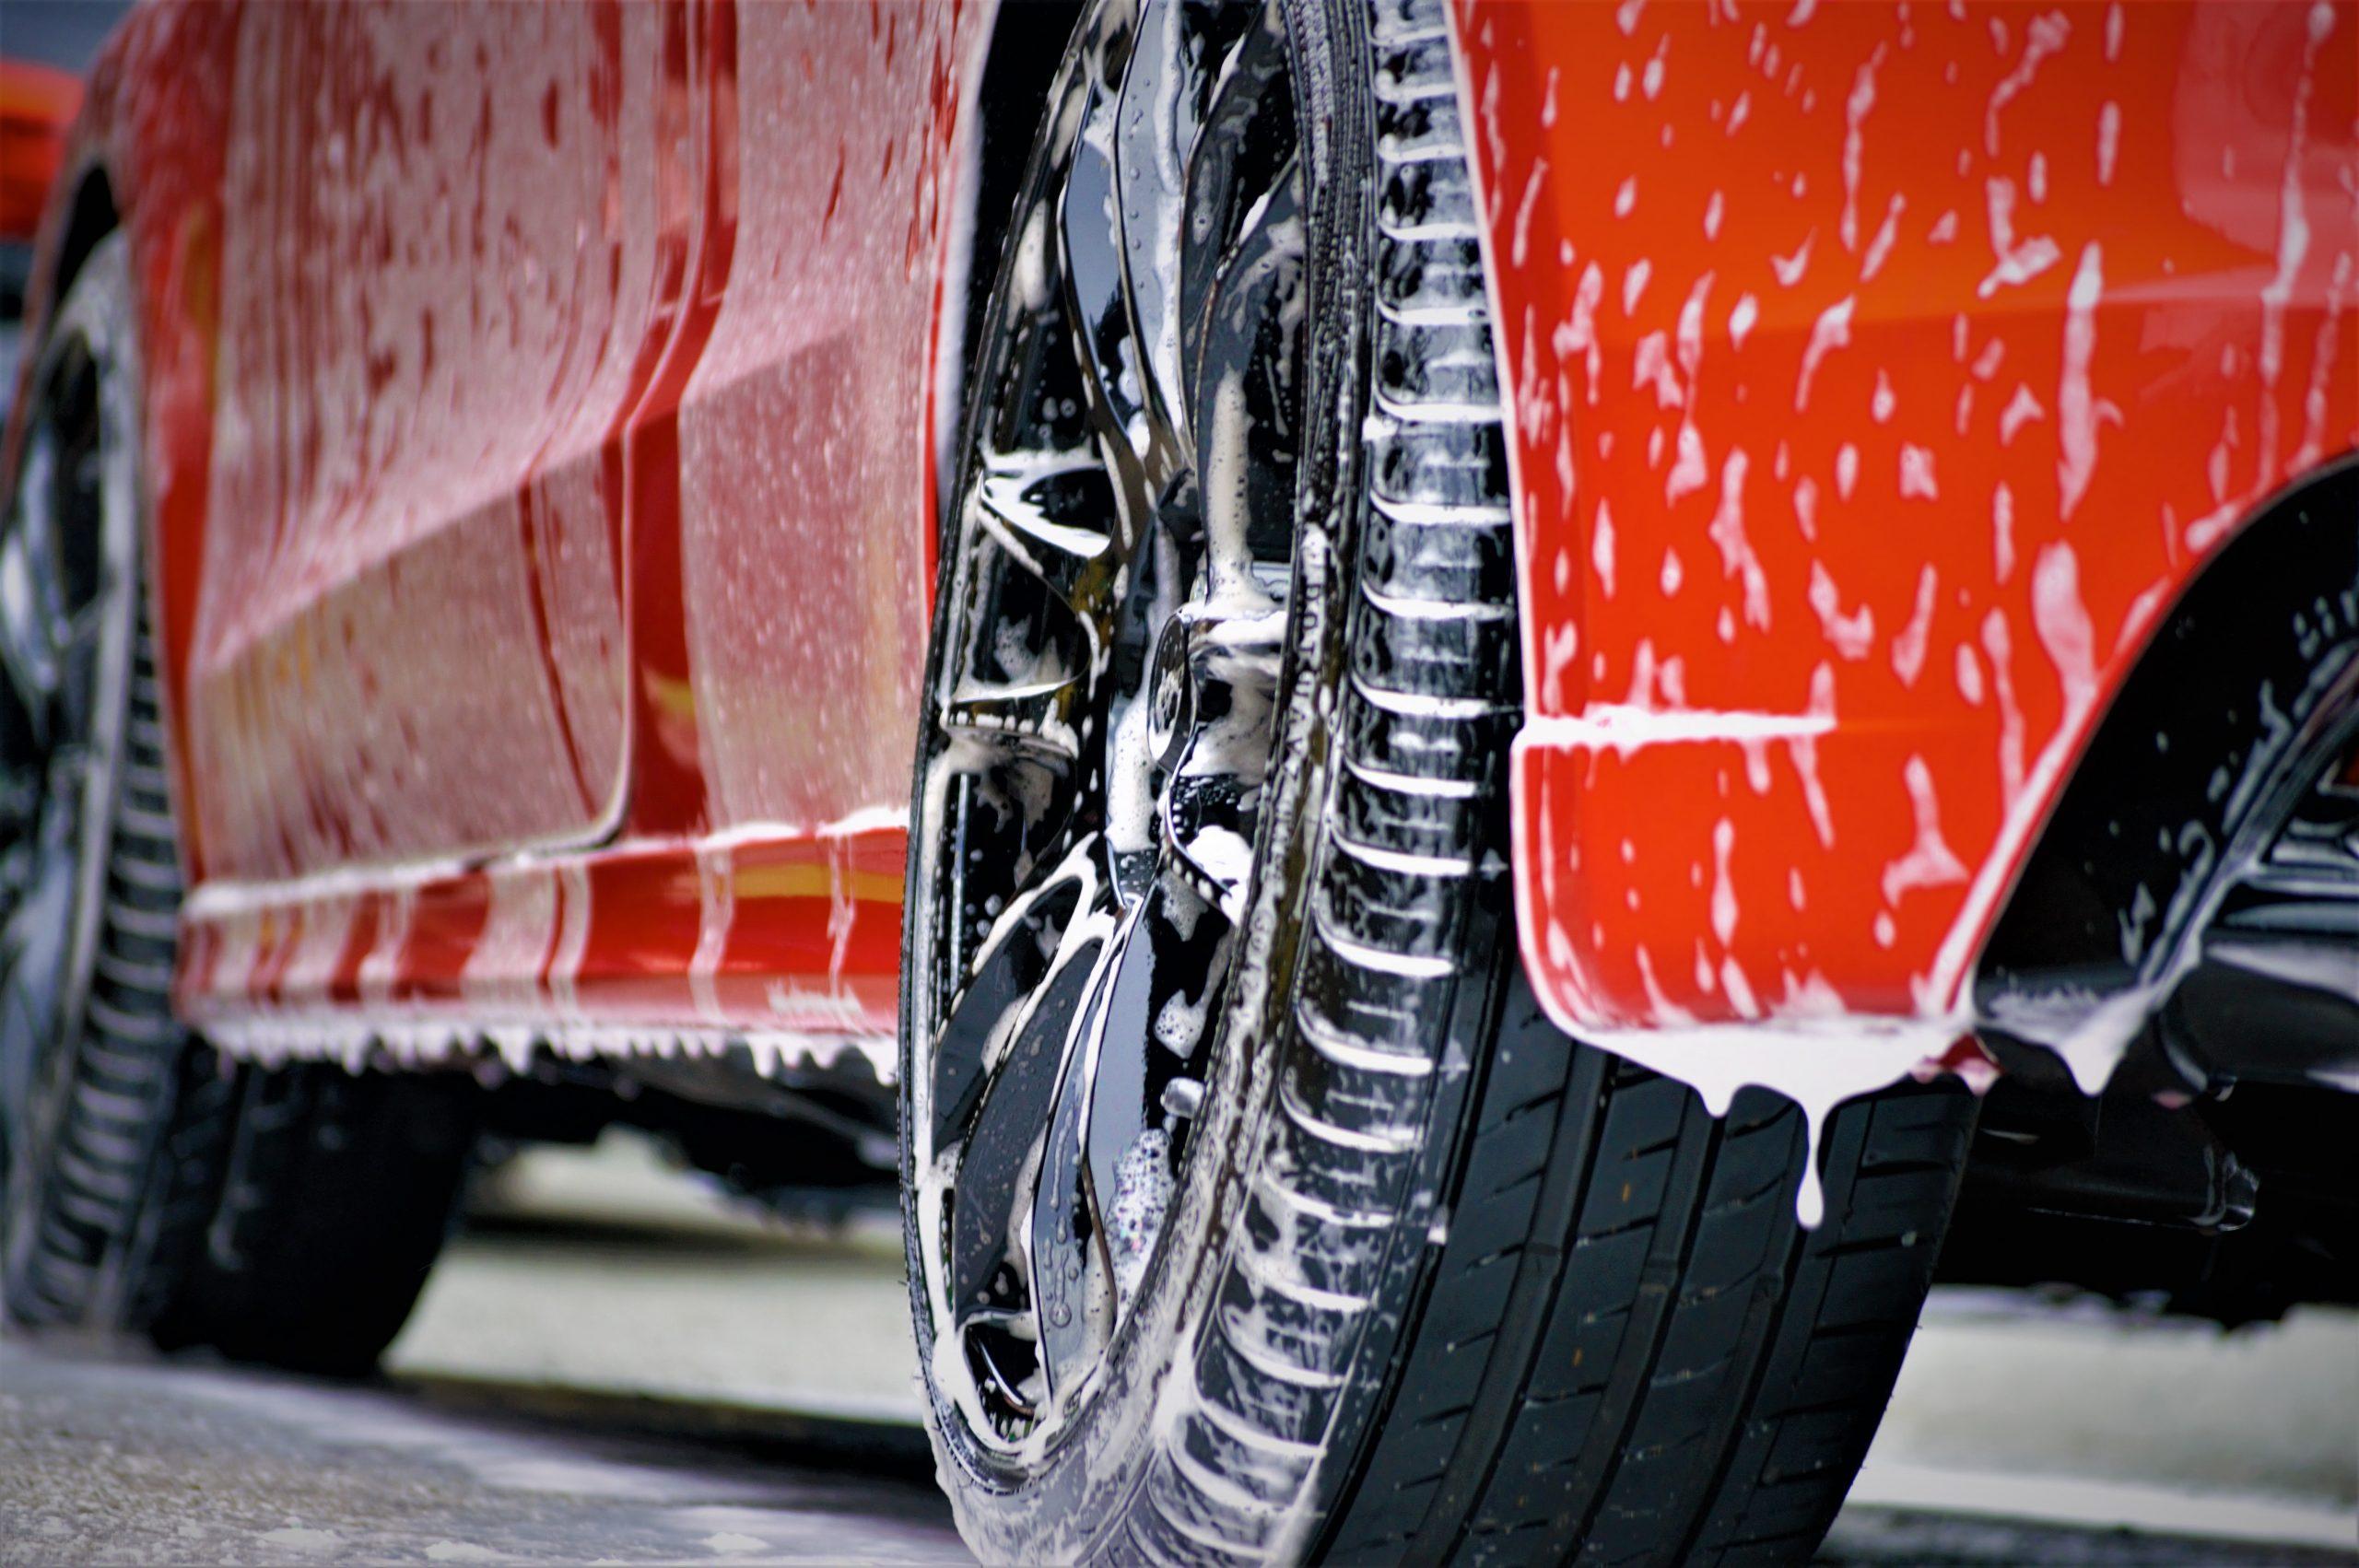 Não Cometa Estes Erros Na Hora De Limpar O Carro (Os Prejuízos Podem Ser Altos)